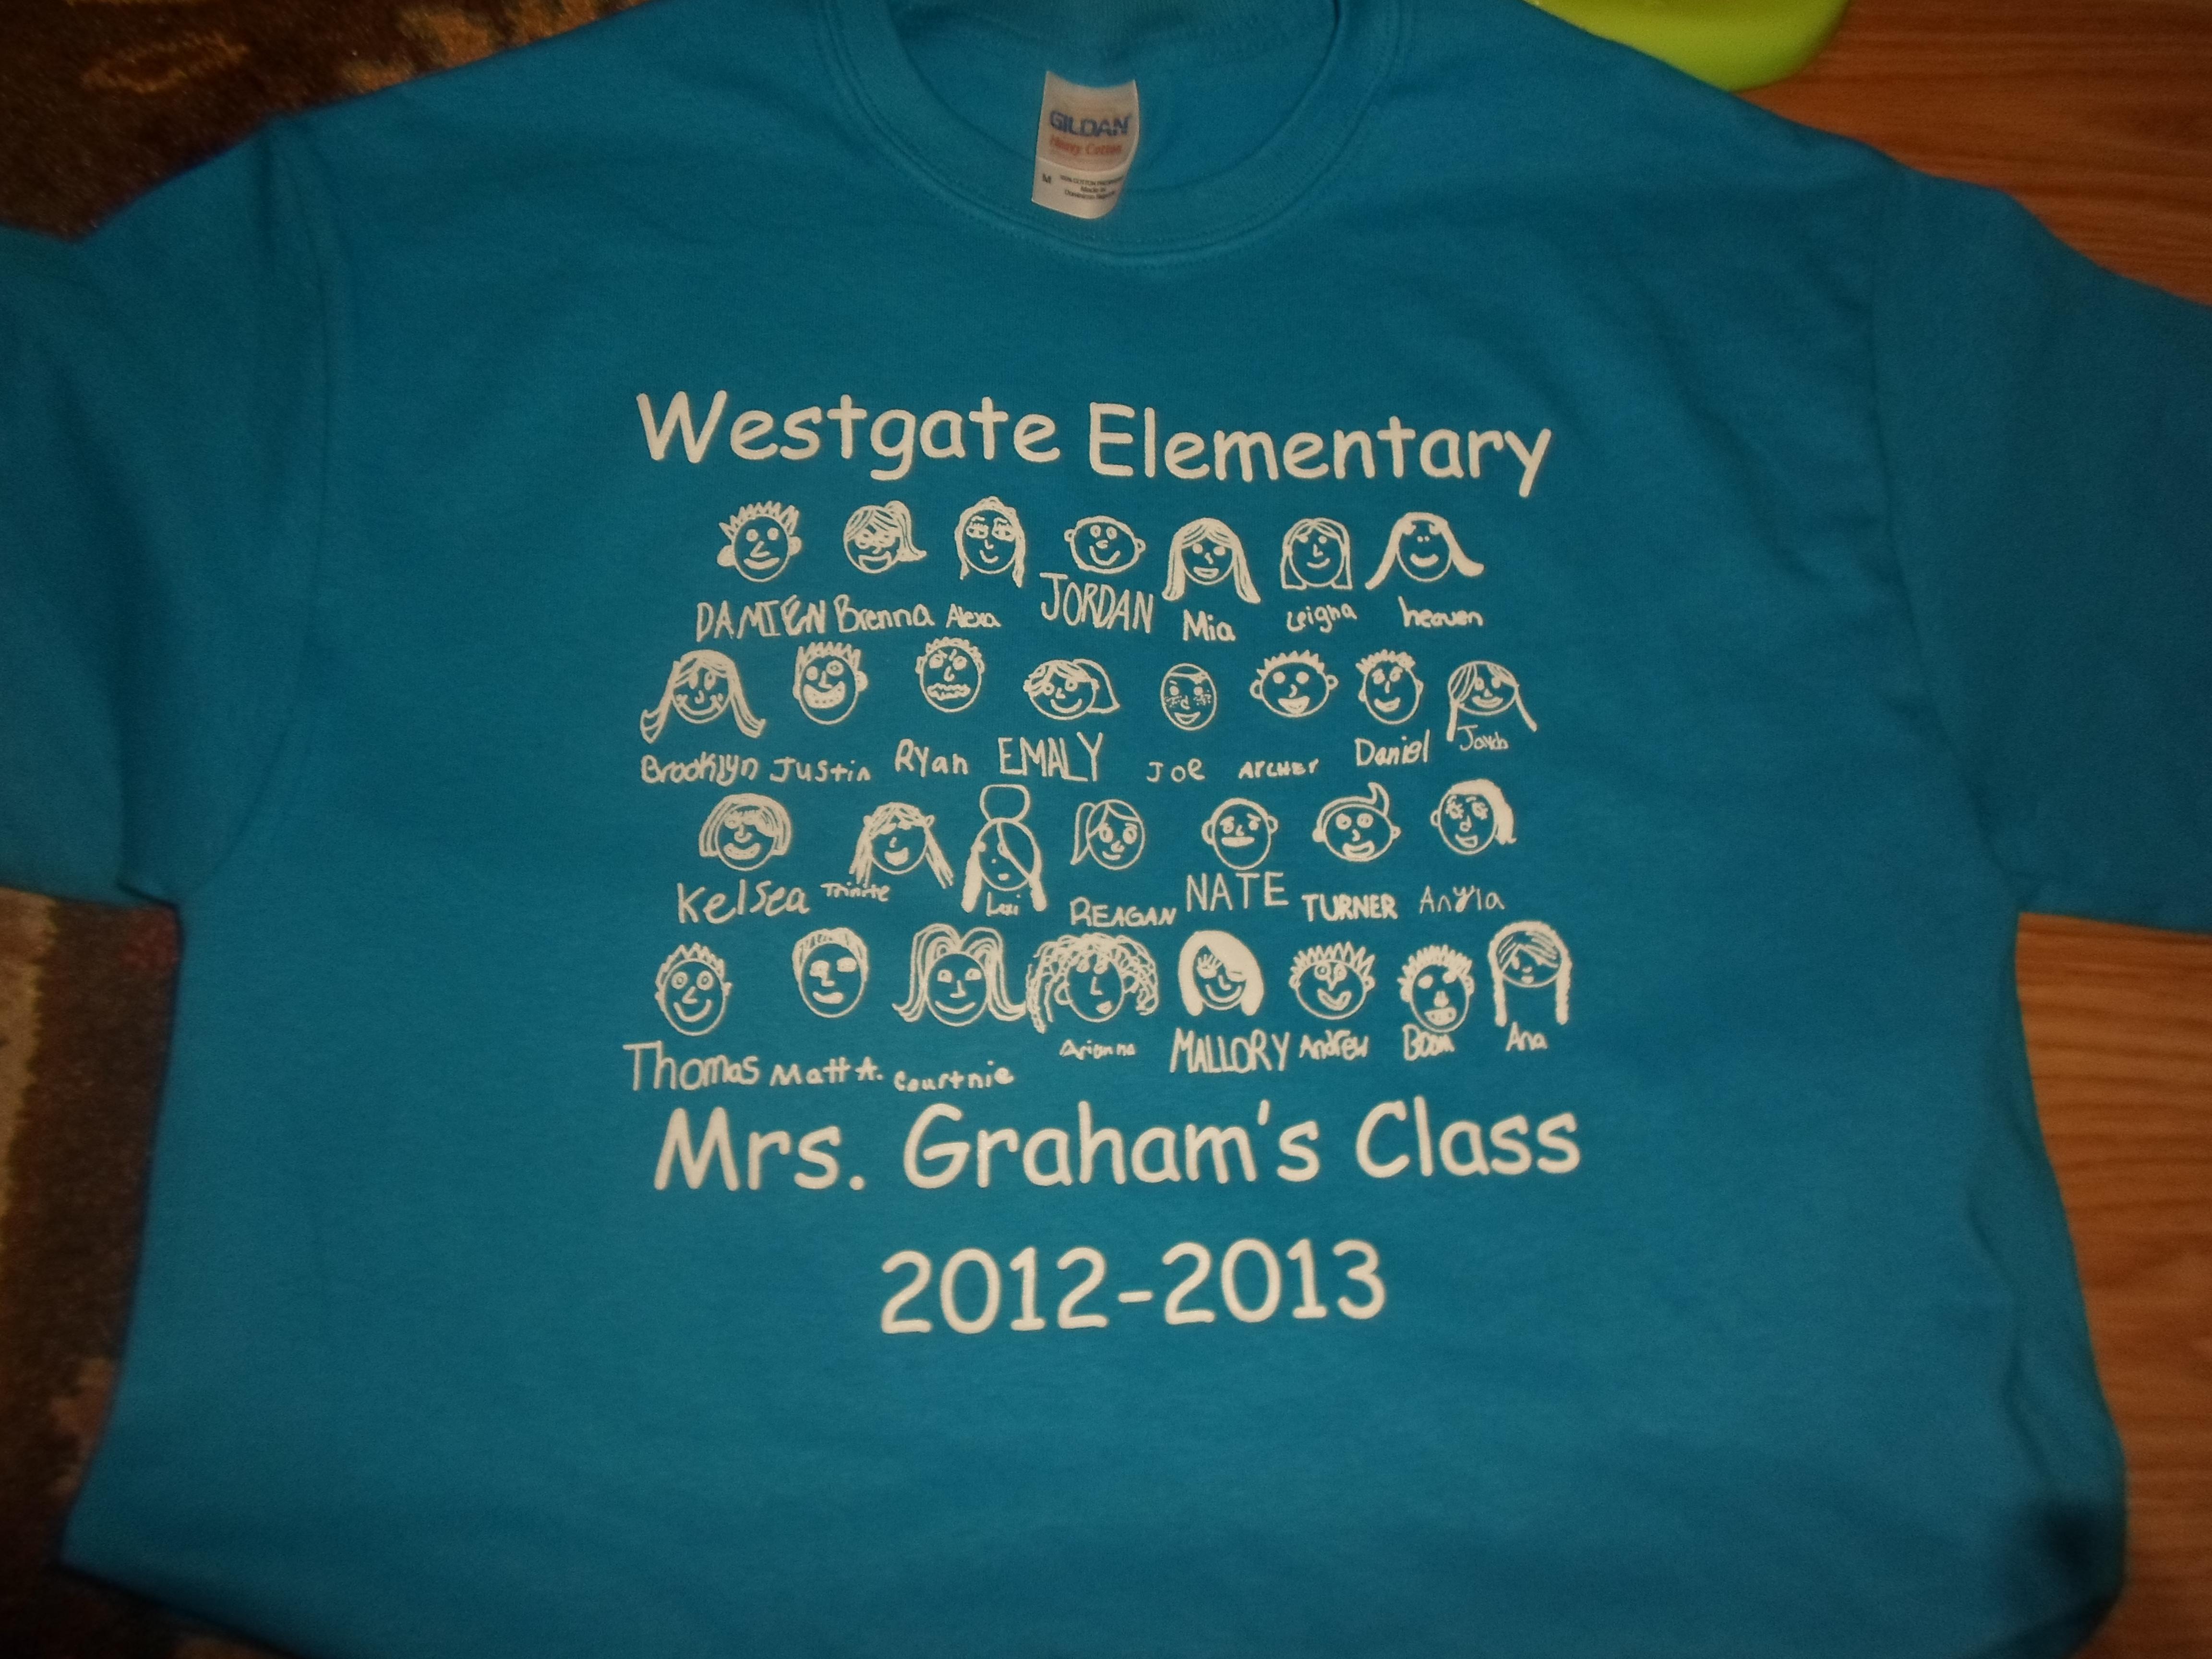 Class T-Shirts | Smart Chick Teacher's Blog